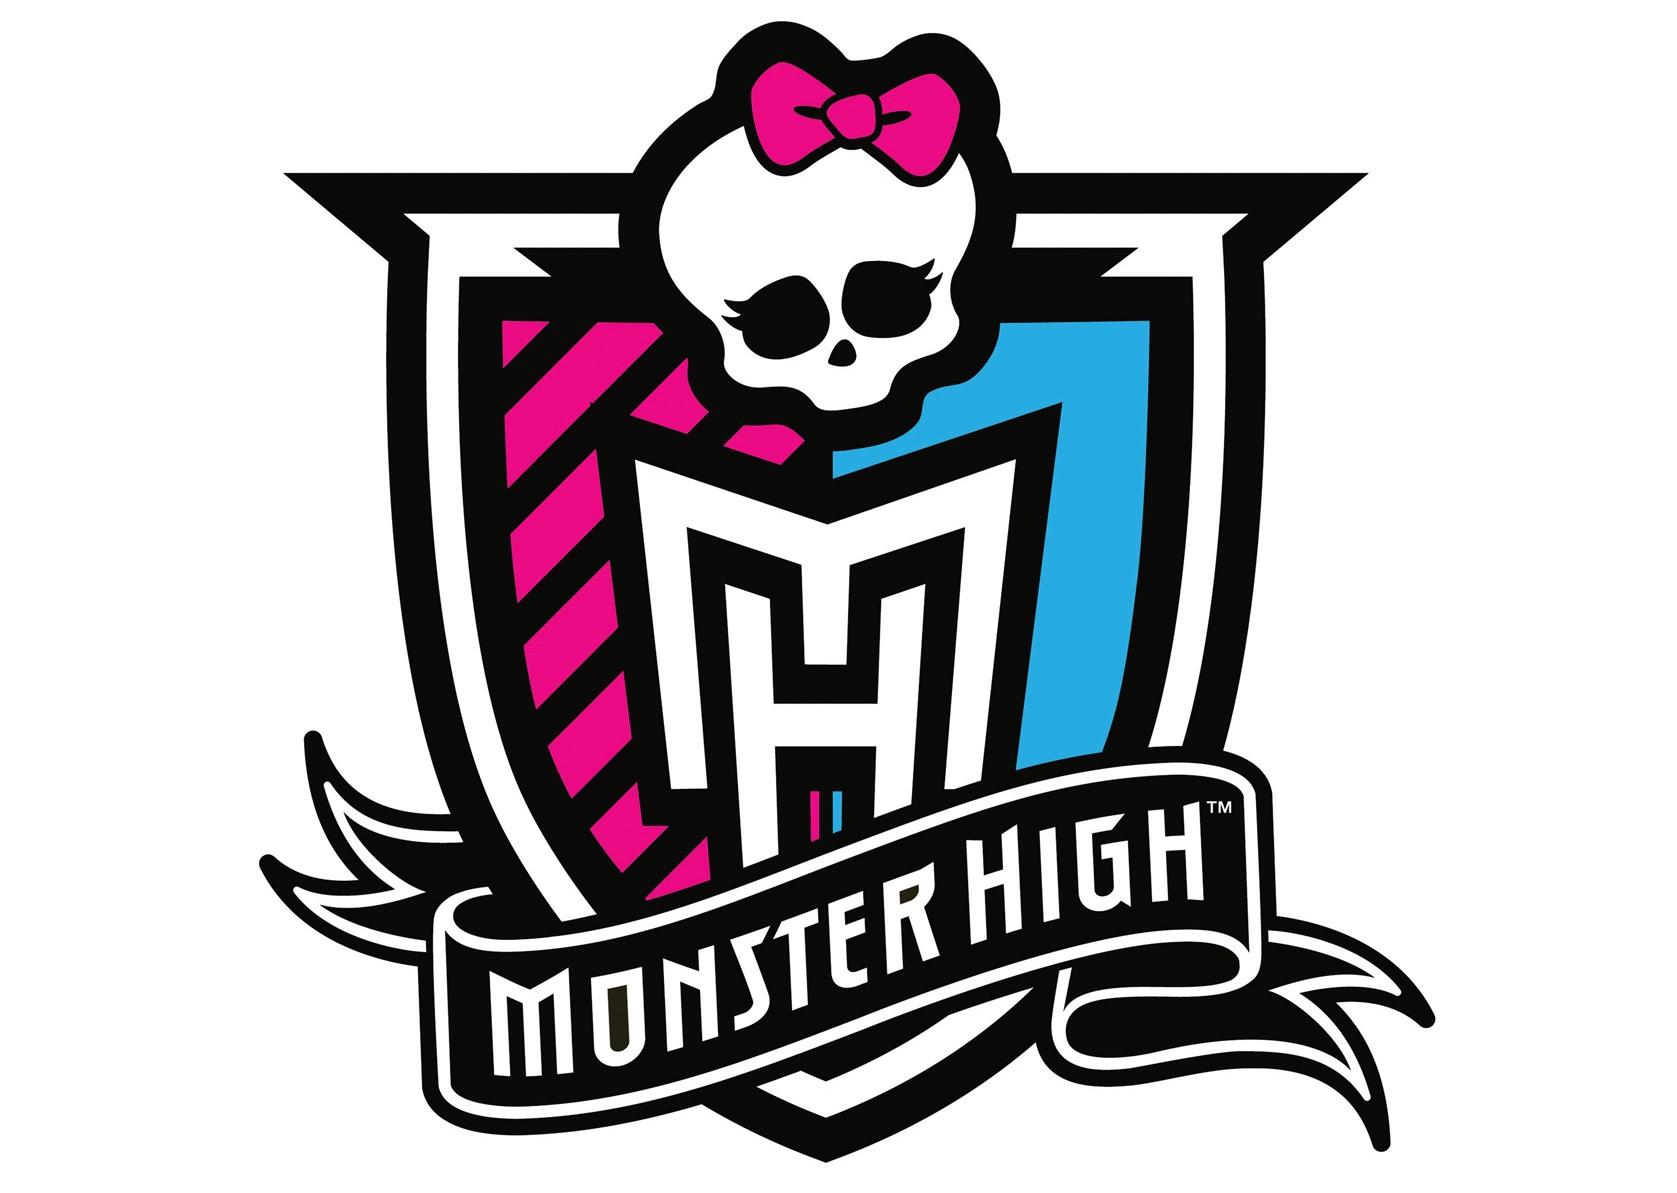 02_logo_crest_mh